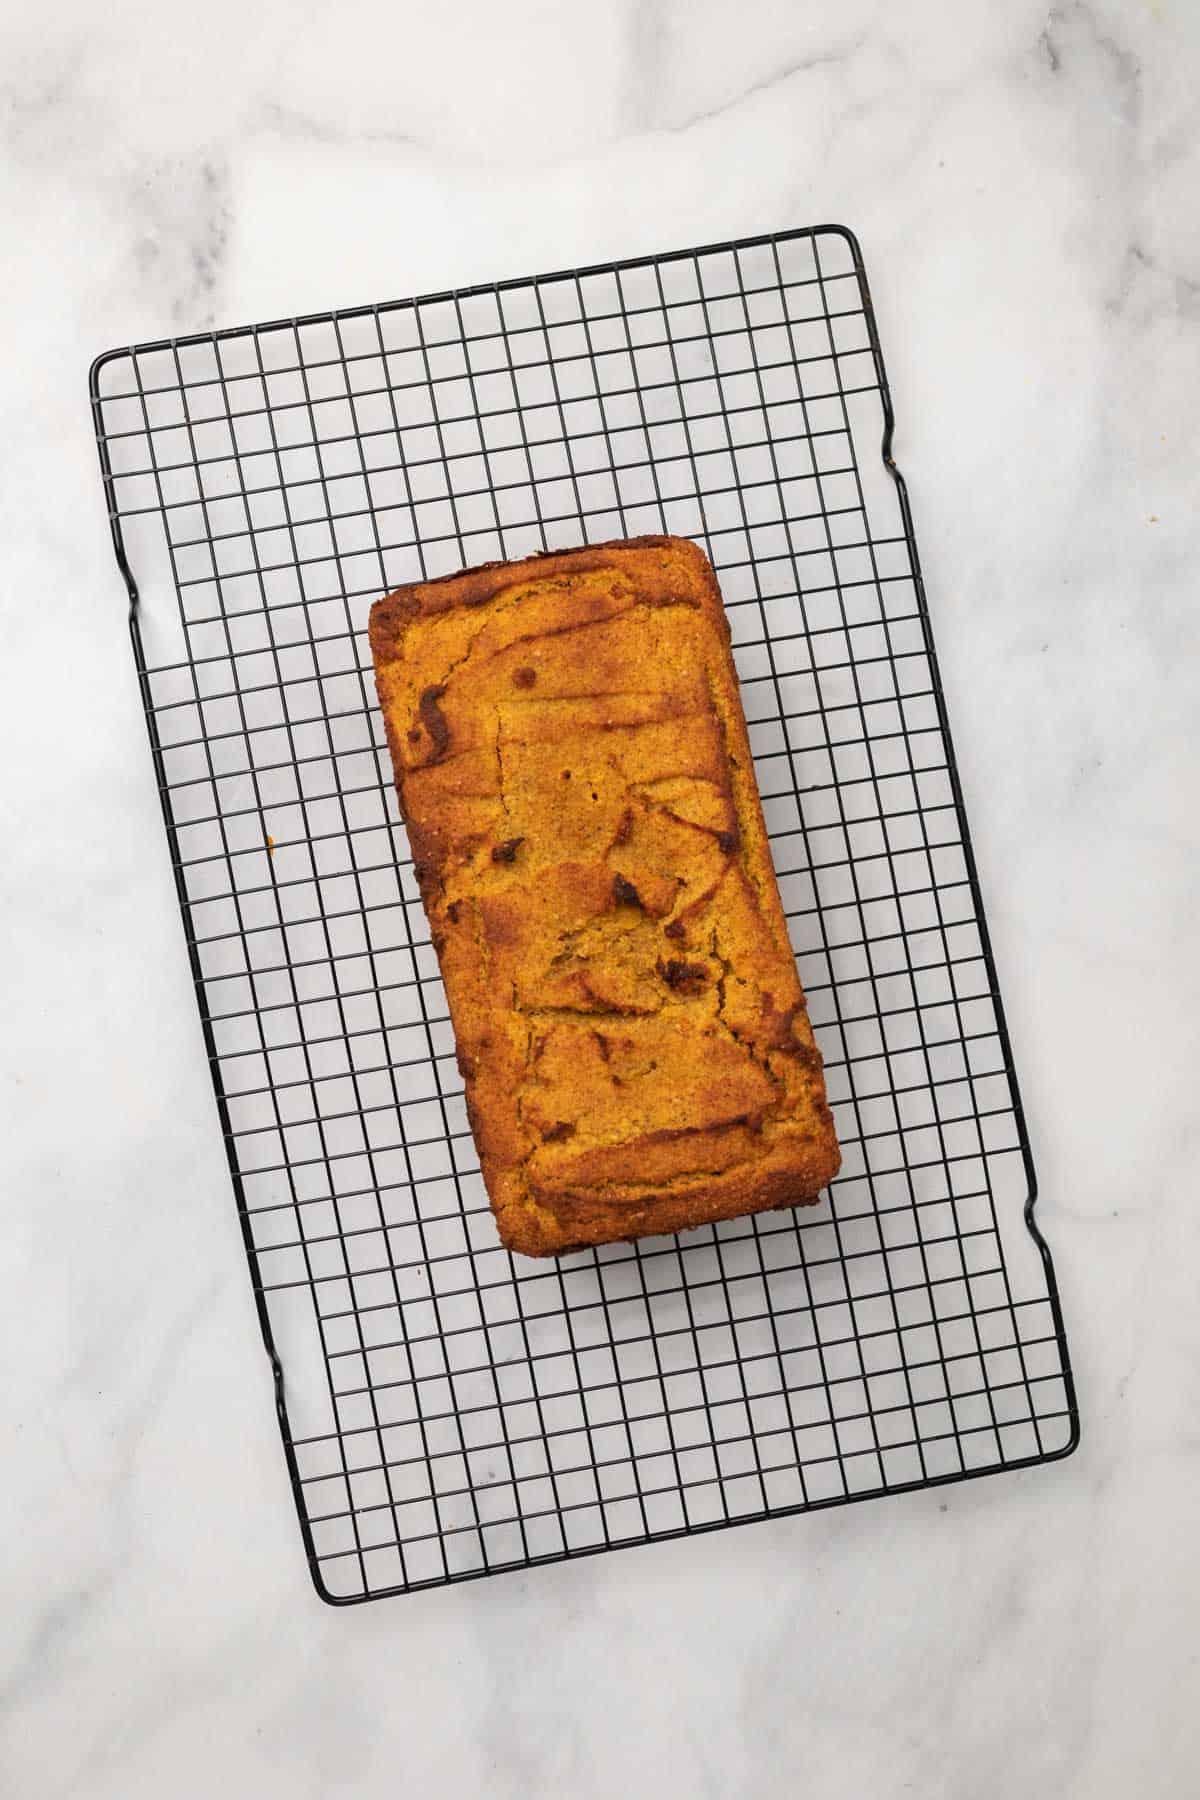 Pumpkin loaf on a cooling rack